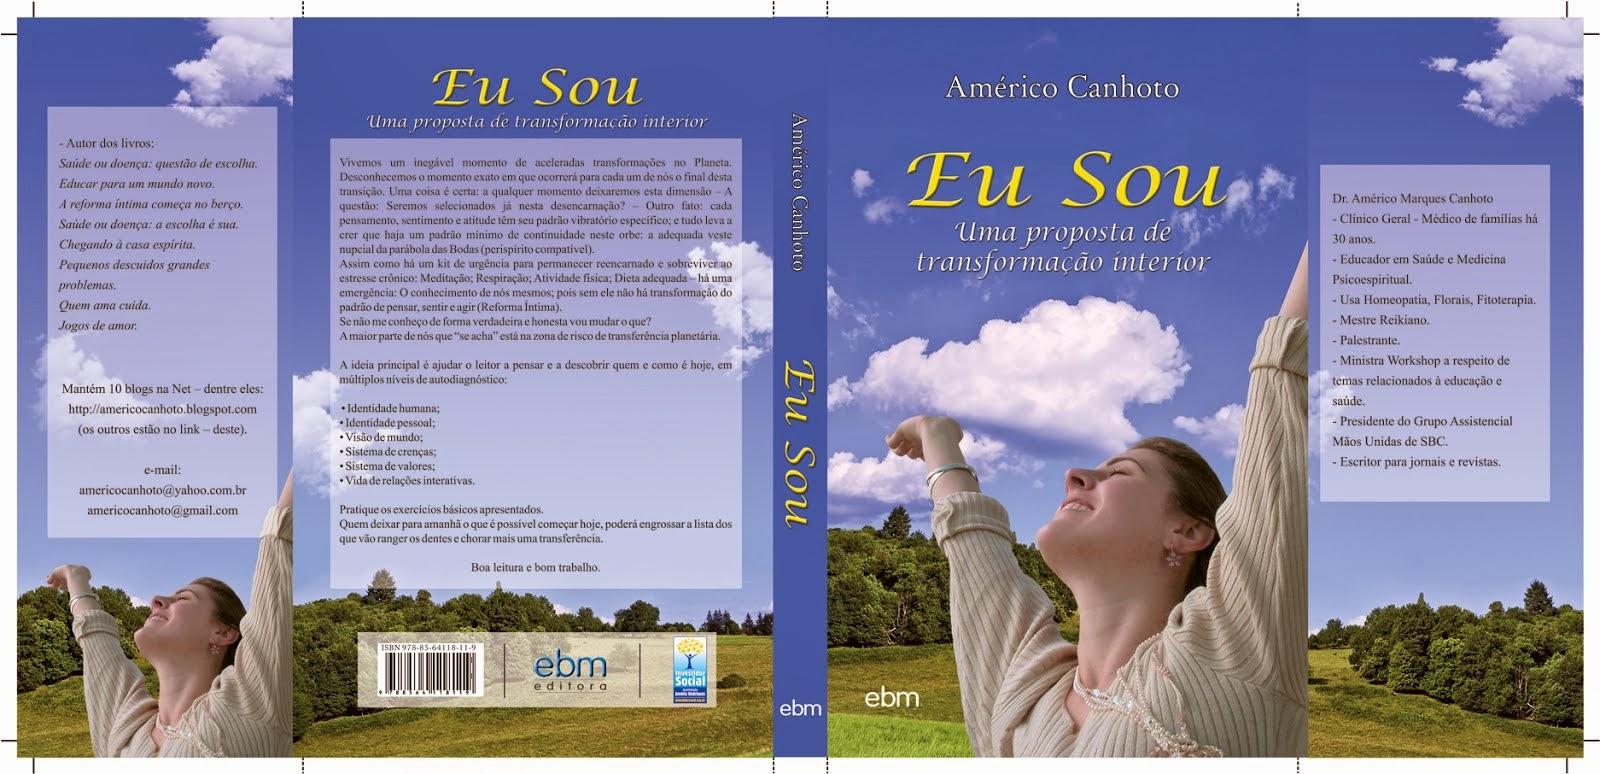 EU SOU - UMA PROPOSTA DE TRANSFORMAÇÃO INTERIORF